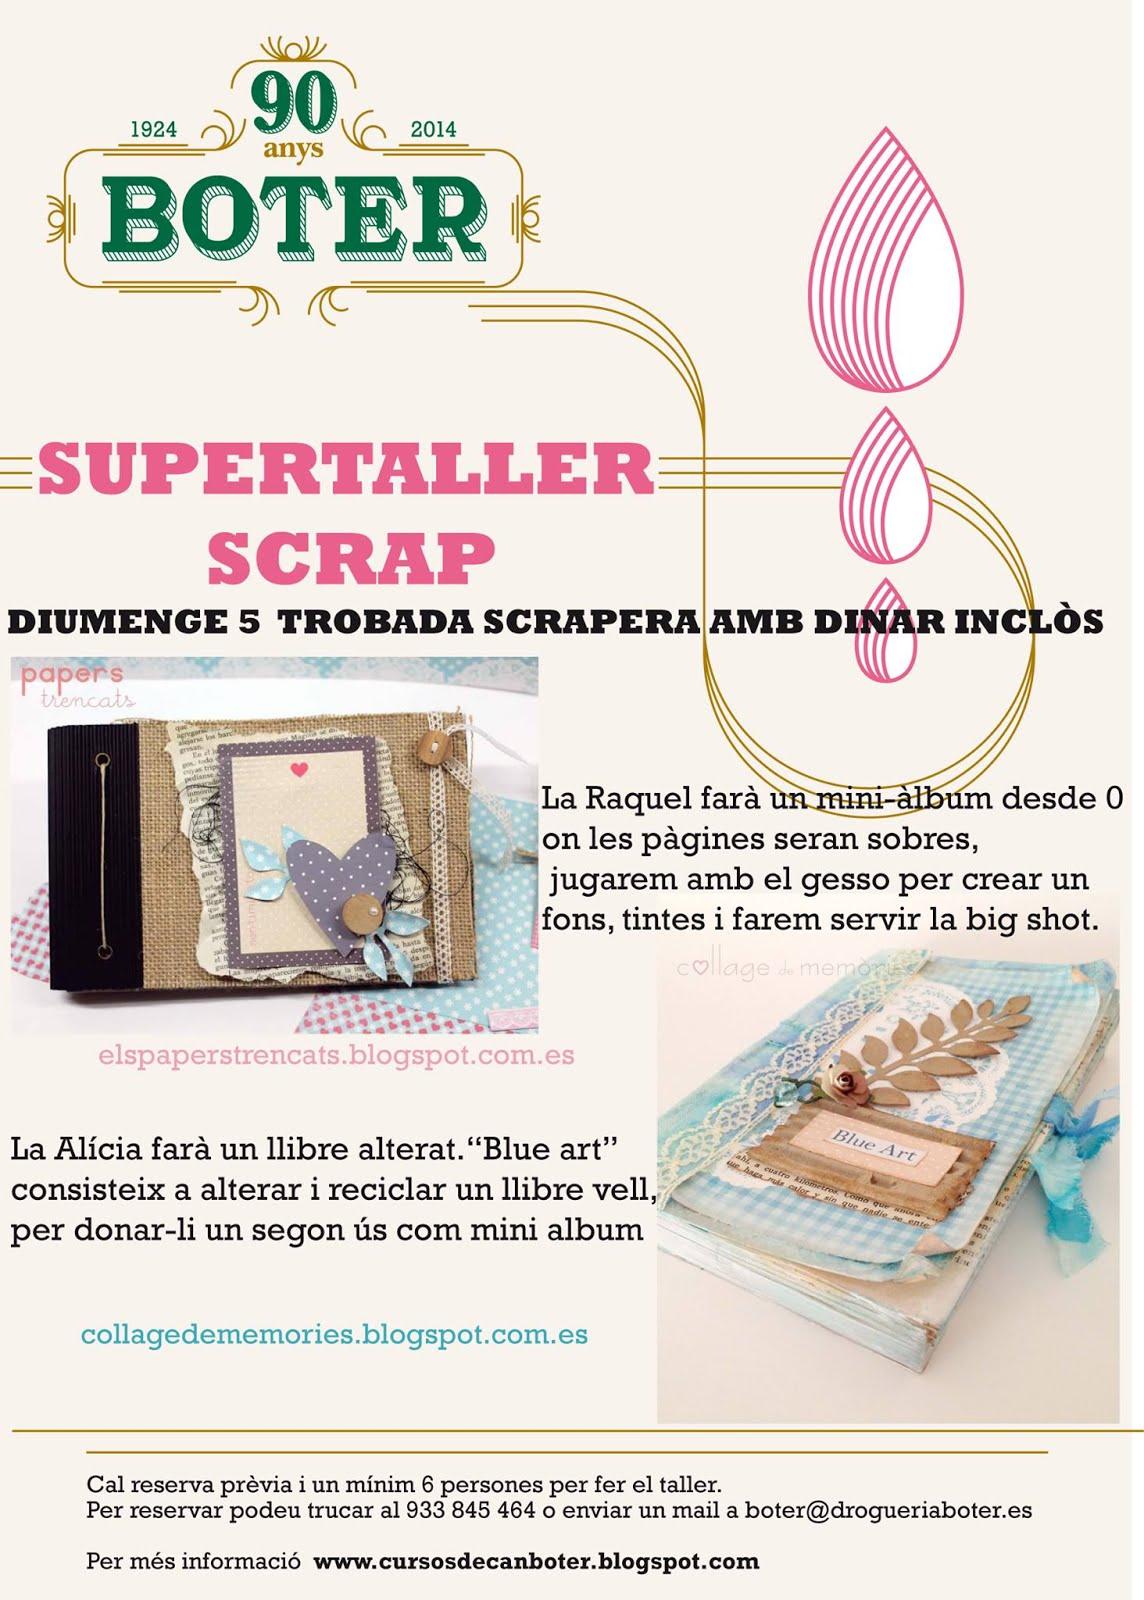 Jornada Scrapera en Boter/Badalona